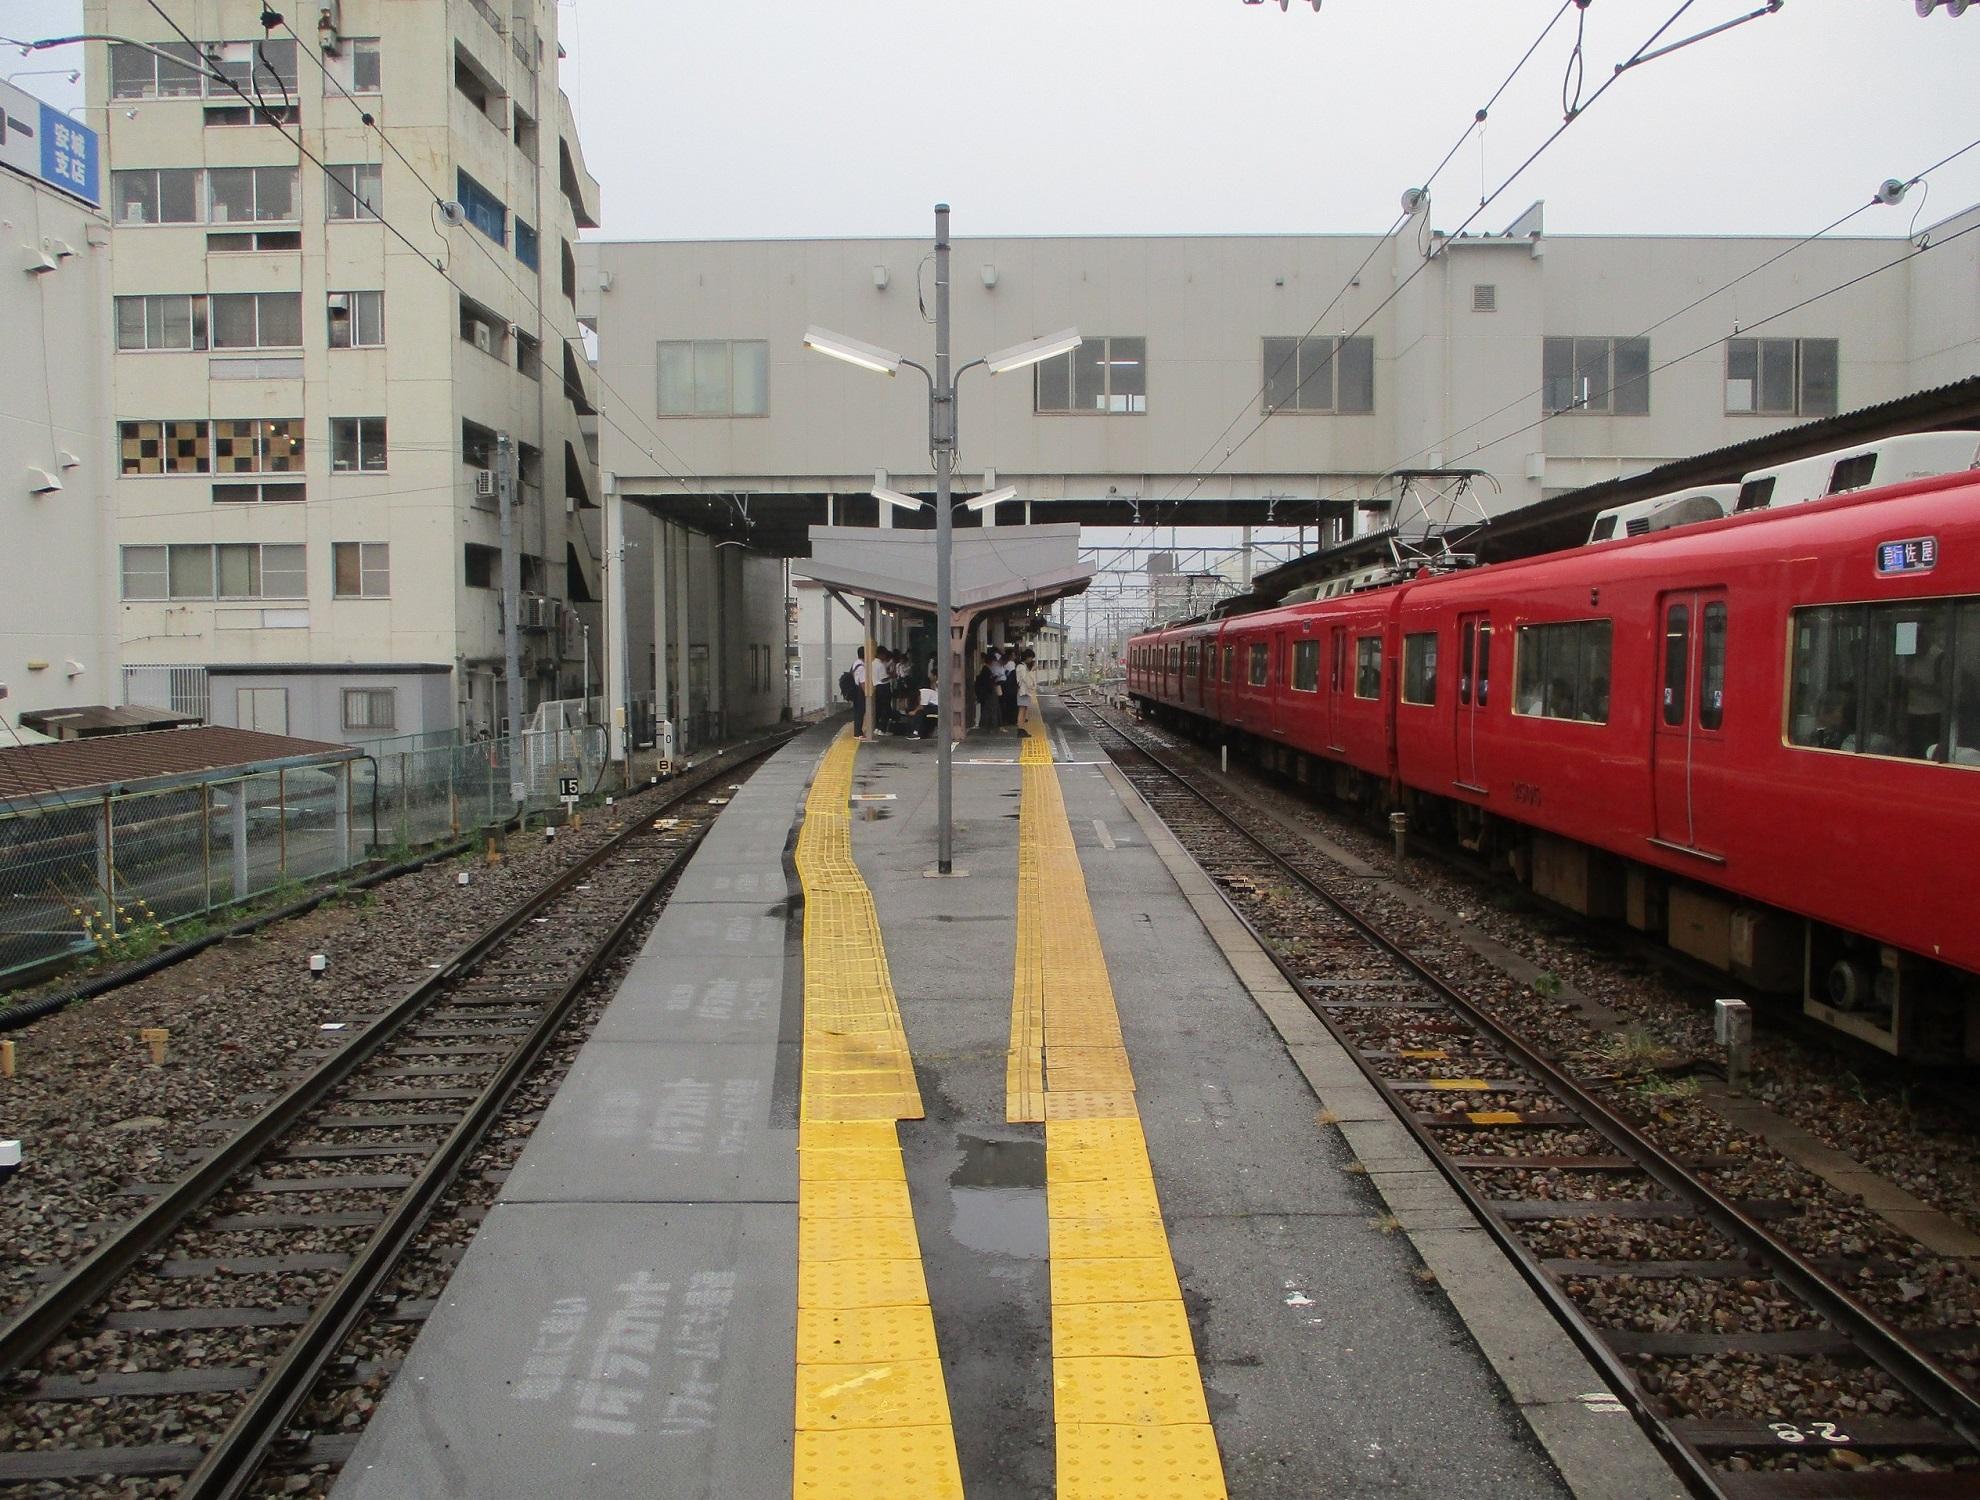 2019.10.7 (36) しんあんじょう - 西尾線ホーム(ひがしがわ) 1980-1500